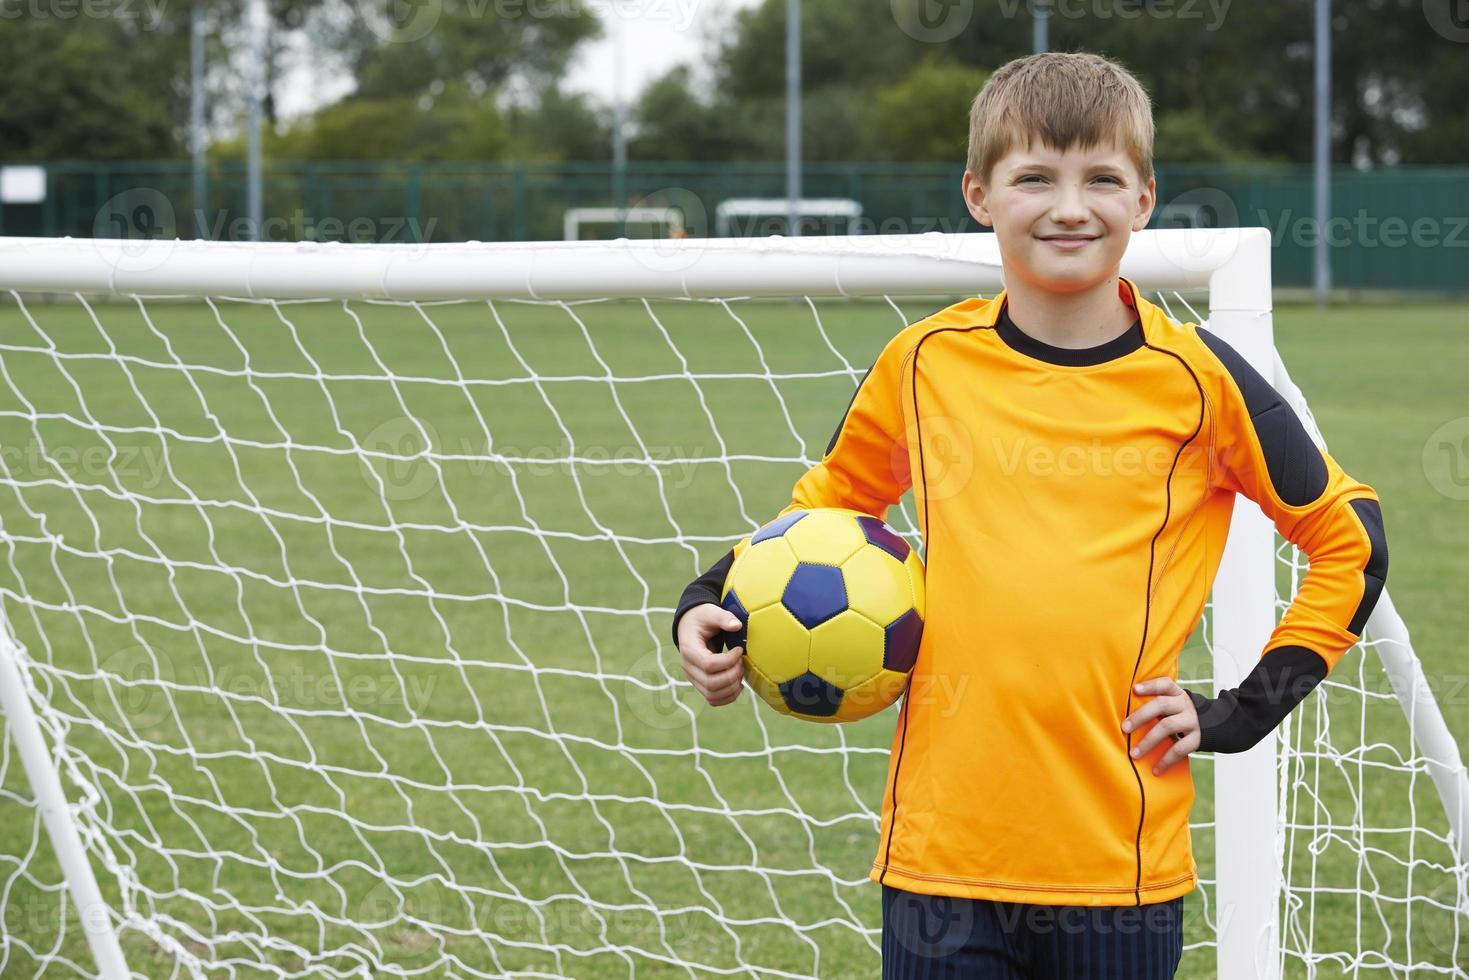 porträtt av målvakt som håller bollen på skolan fotbollsplan foto